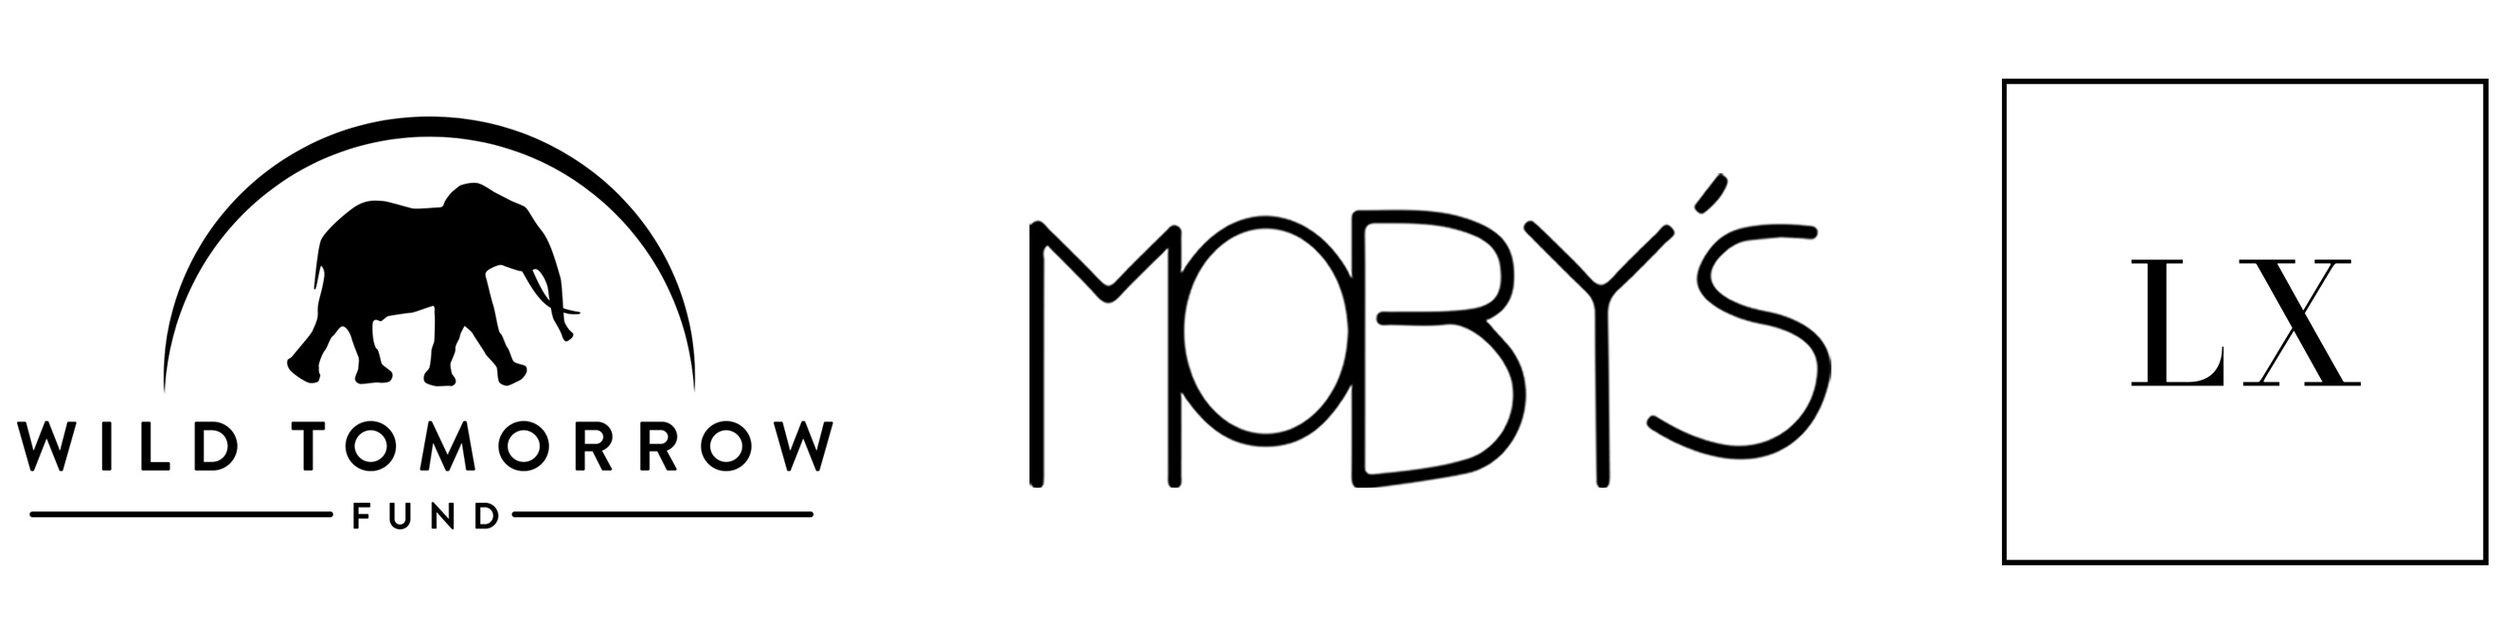 WTF LX mobys logo.jpg